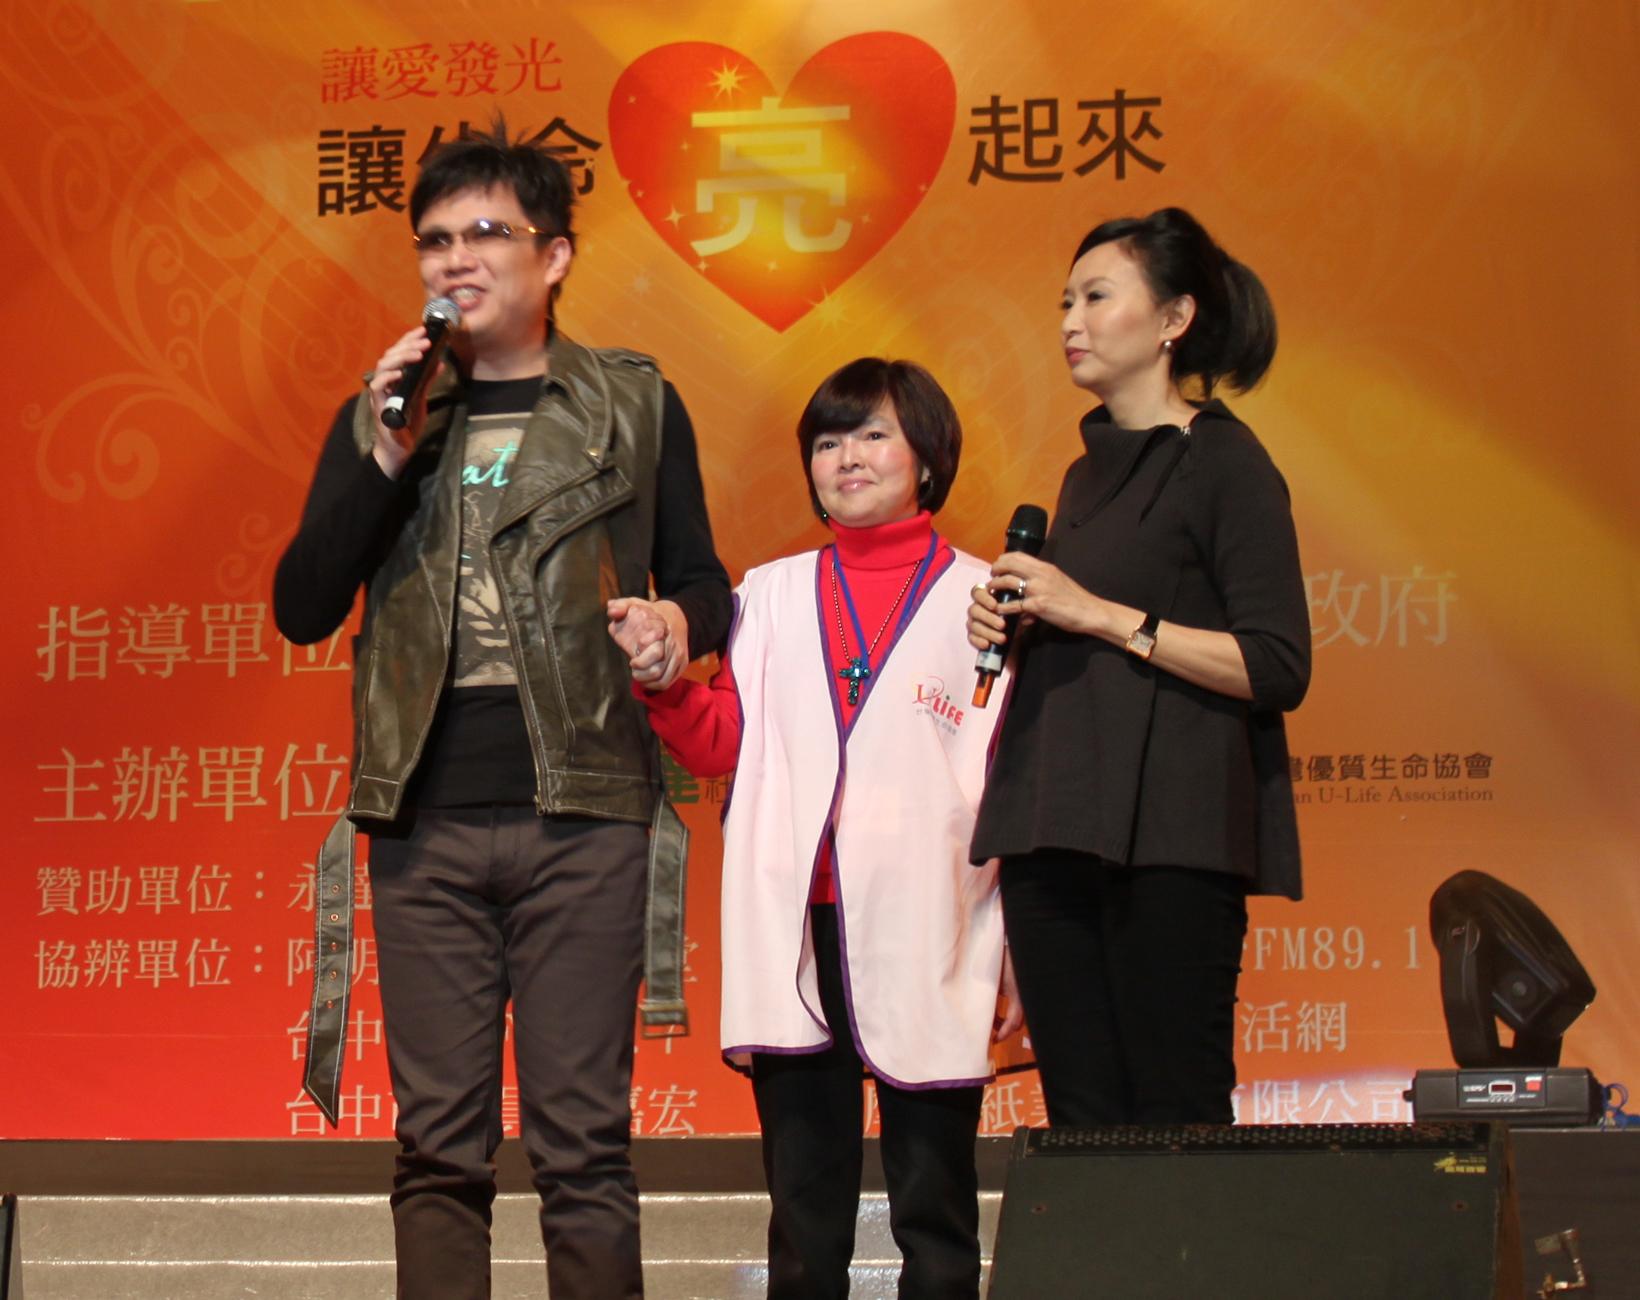 視障歌手鍾興叡(右三)在台灣優質生命協會秘書長  紀寶如(右二)、永達基金會執行長汪用和(右一)  的陪同下一同為「愛」發聲。